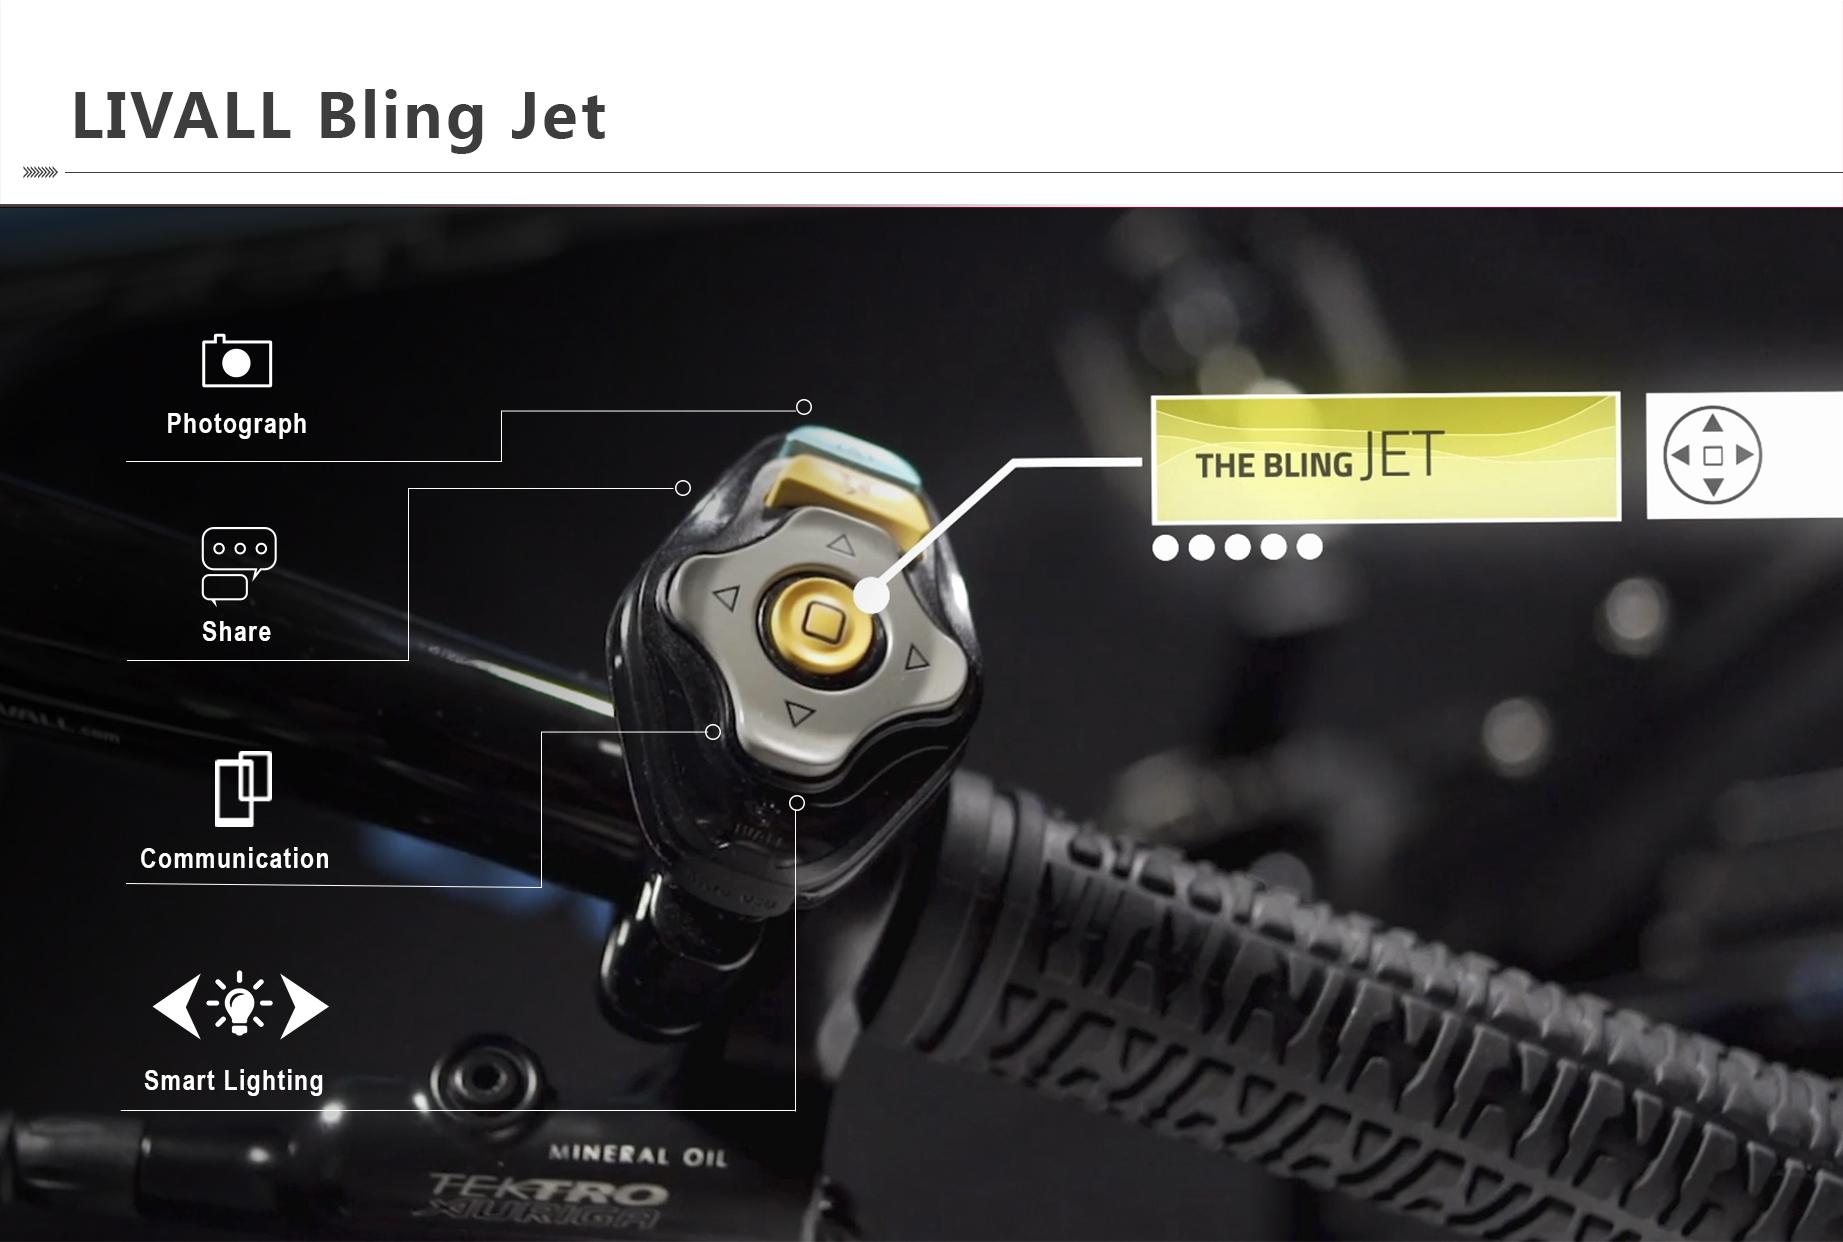 LIVALL Bling Jet